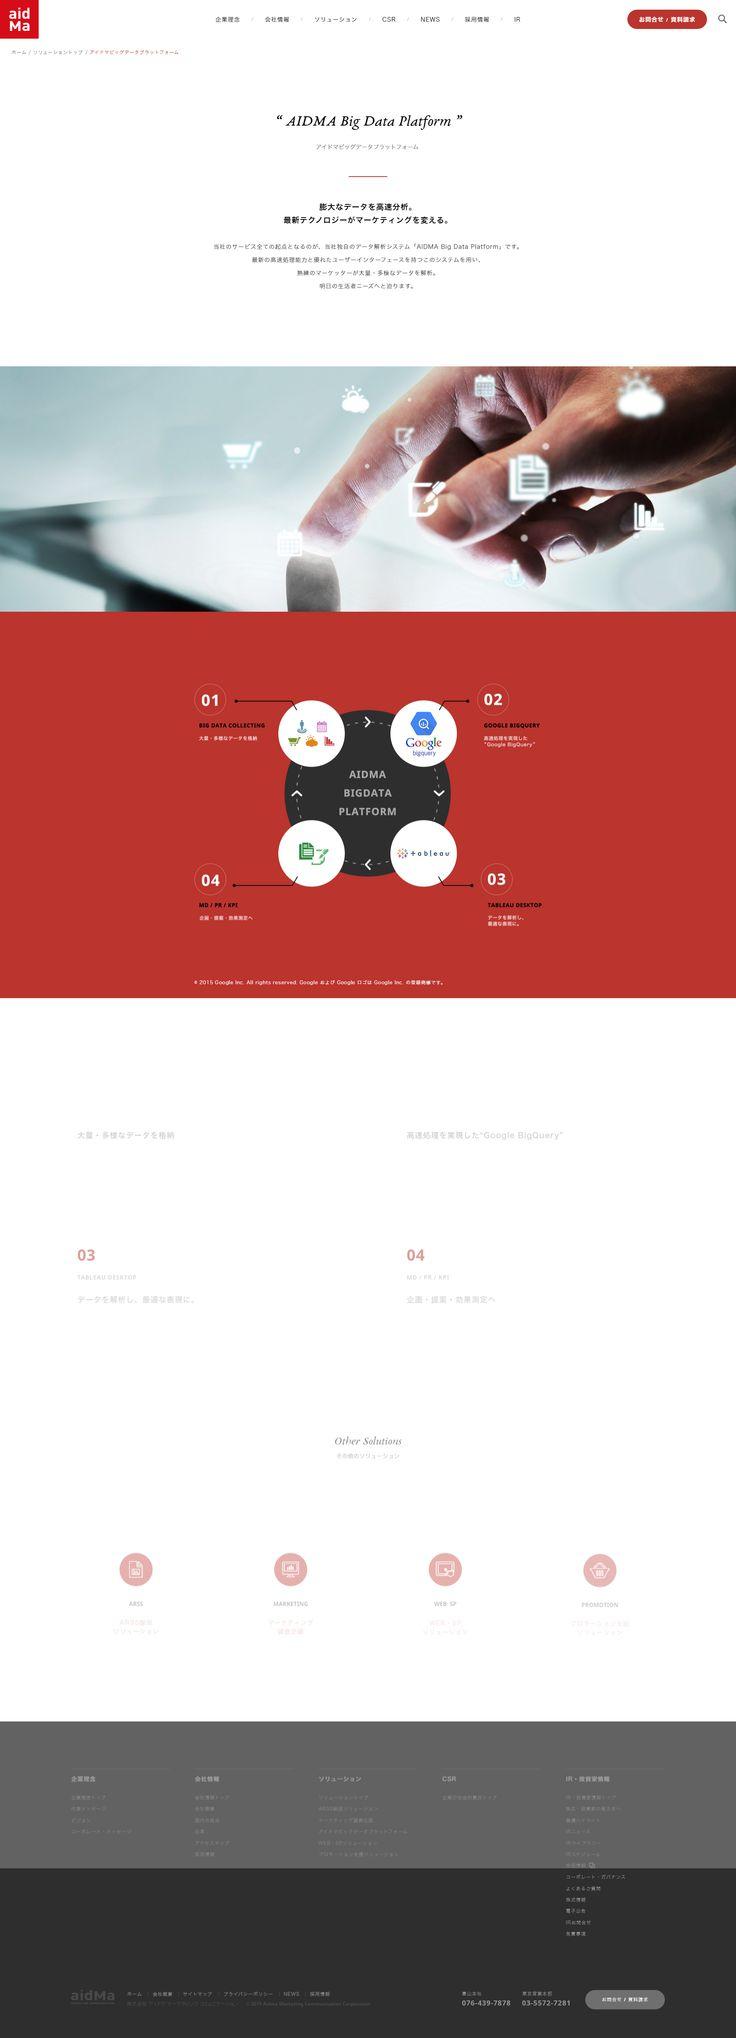 アイドマビッグデータプラットフォーム 流通小売業を成果へ導くマーケティング・スペシャリスト 株式会社アイドマ マーケティング コミュニケーション